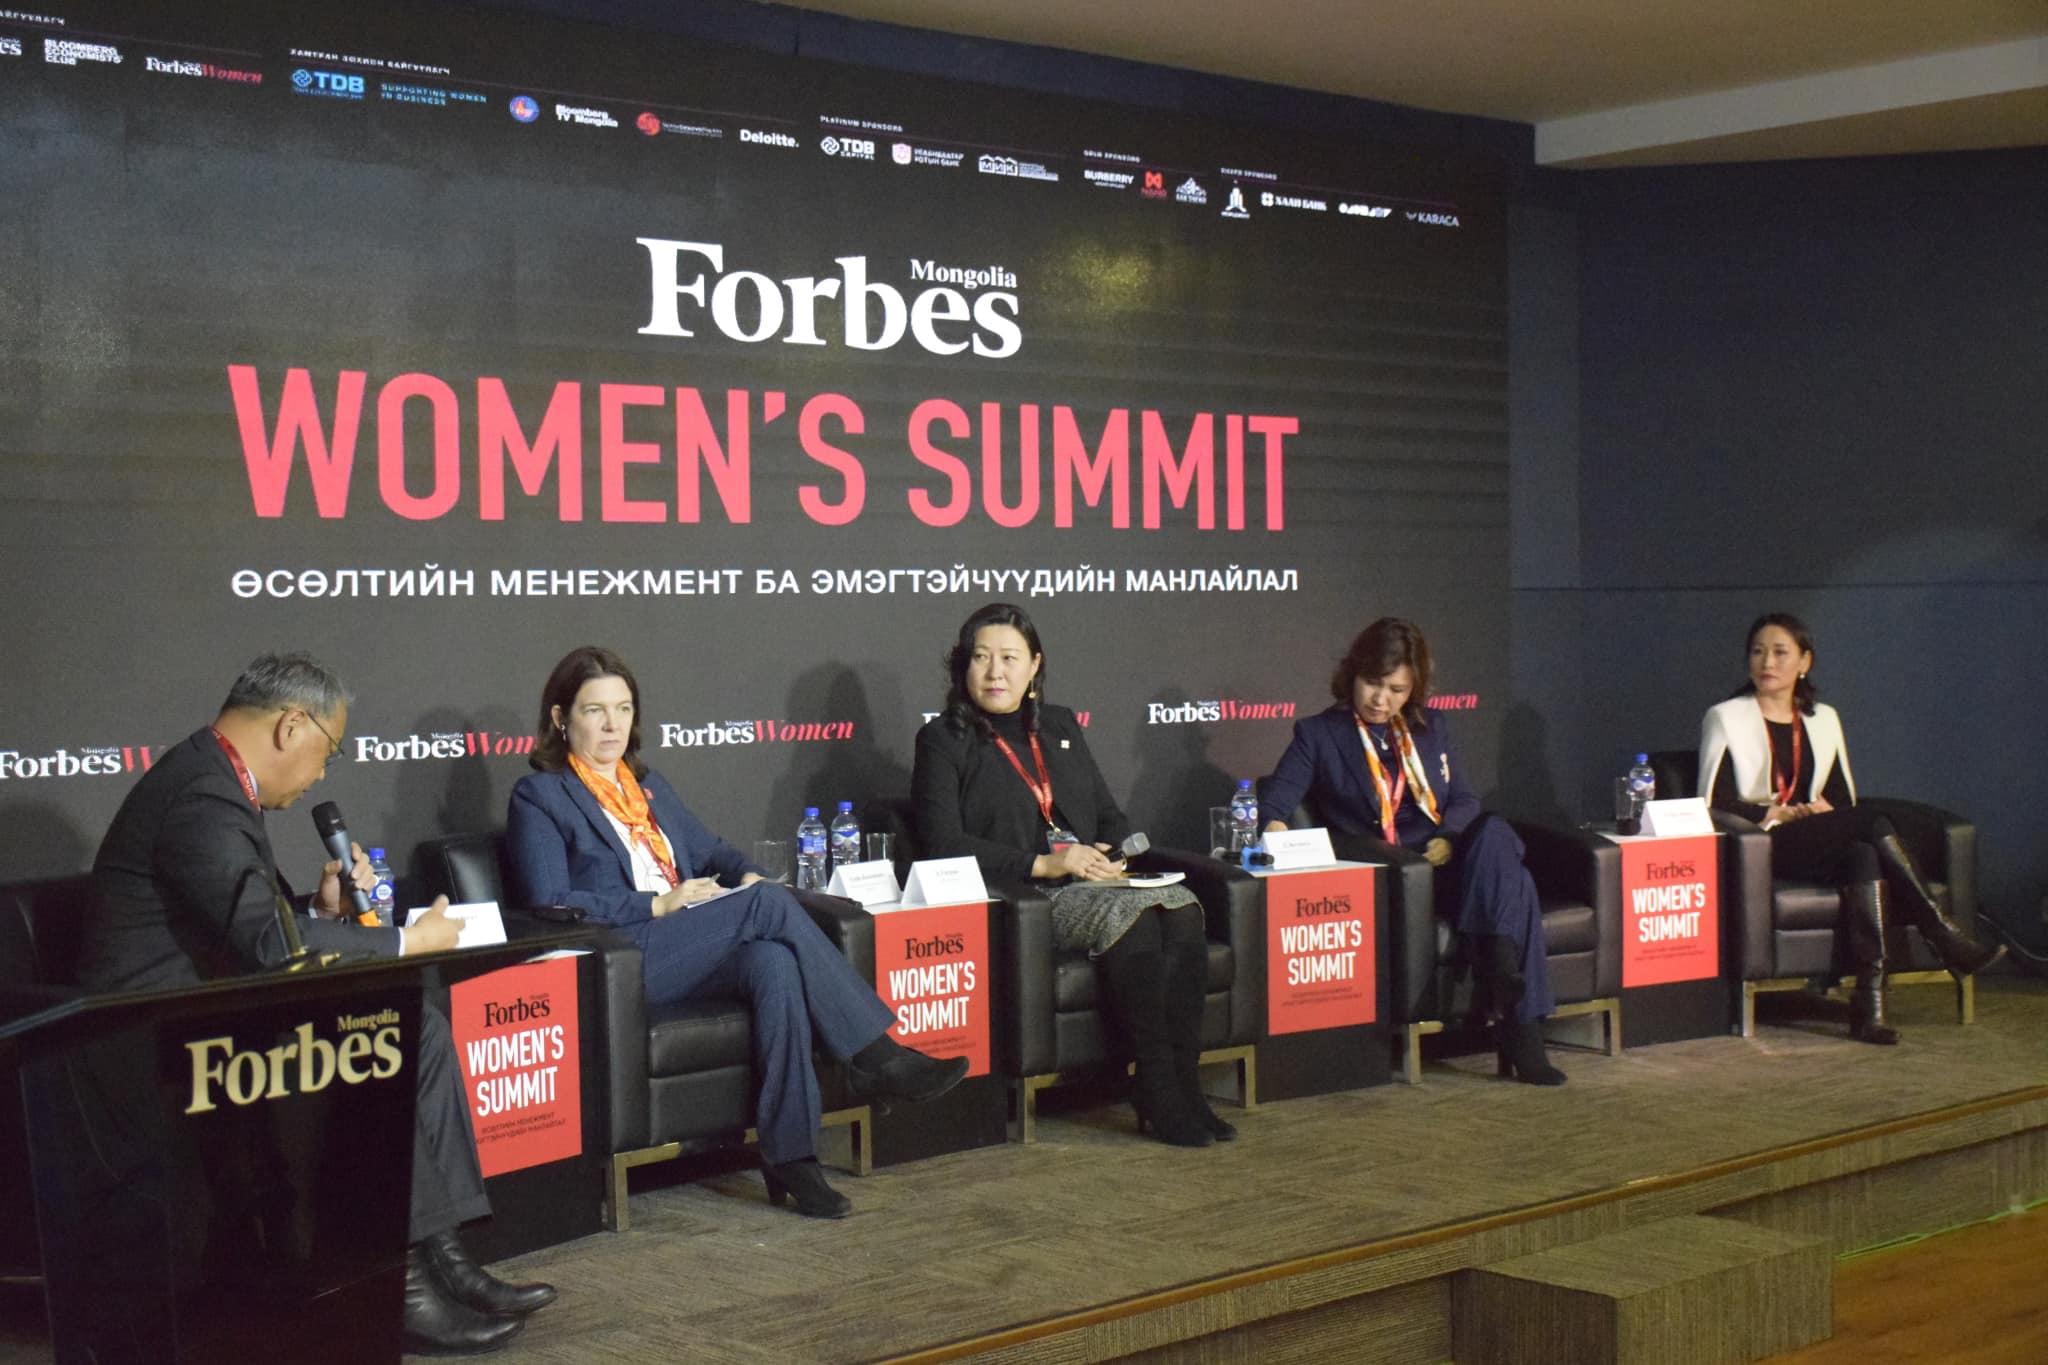 """""""Өсөлтийн менежмент ба Эмэгтэйчүүдийн манлайлал"""" арга хэмжээ зохион байгуулагдлаа"""